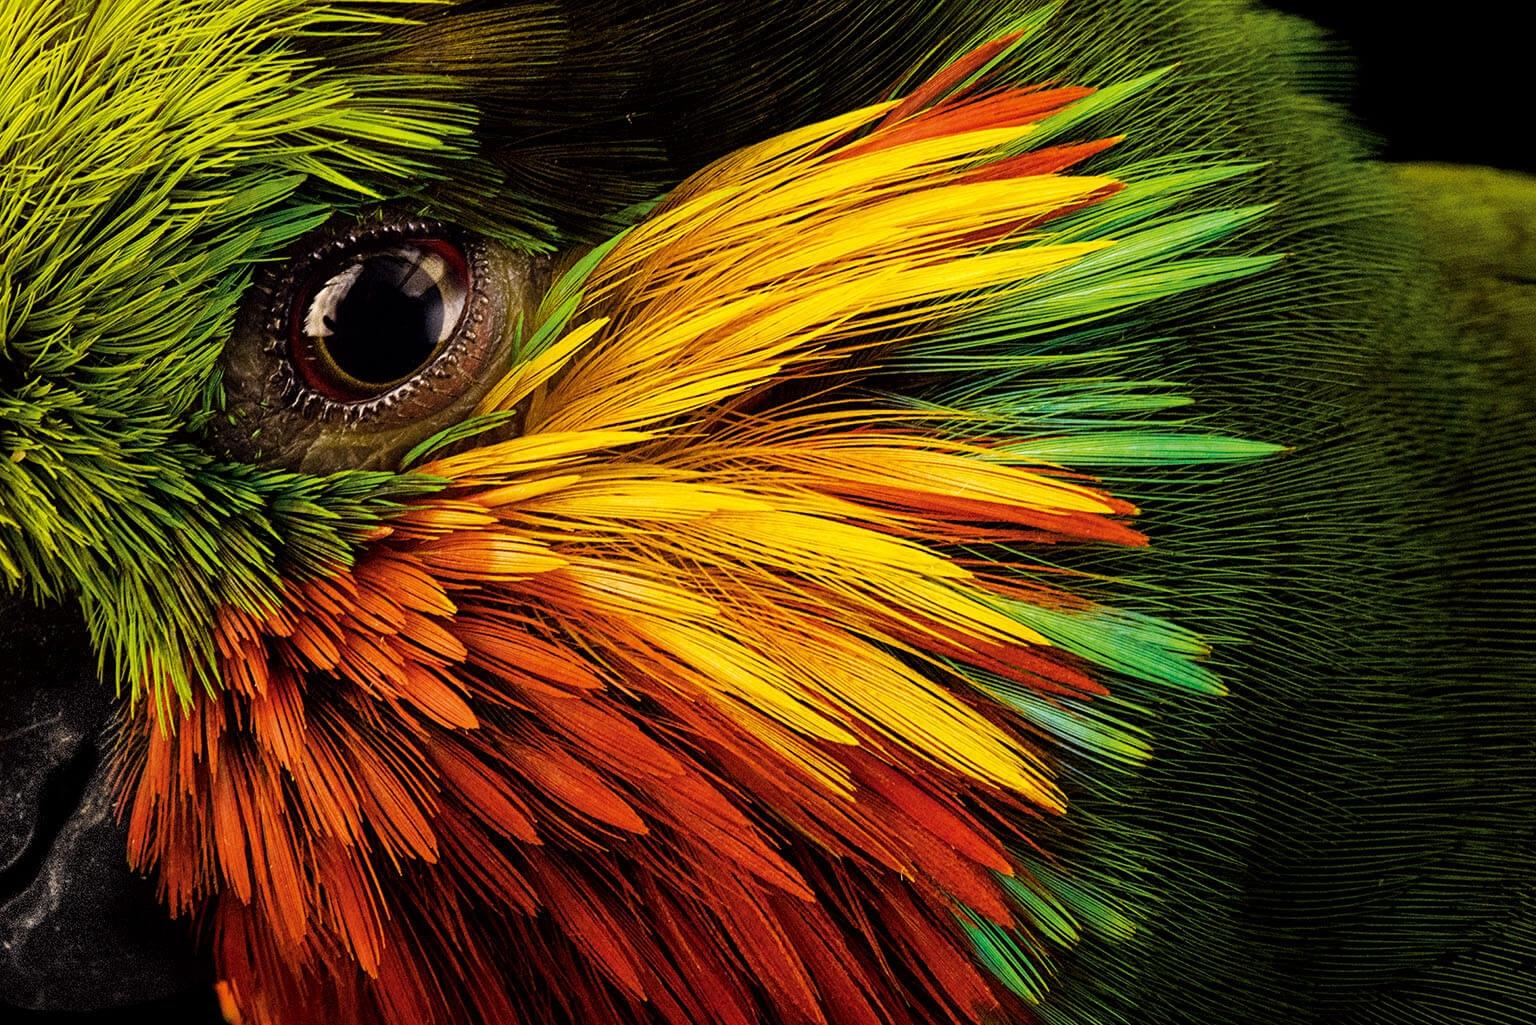 愛德華無花果鸚鵡眼睛周圍的羽色大膽鮮豔,這種鳥兒一如其名,會吃無花果( 還有其他果實、花蜜,可能也吃昆蟲)。這種引人注目的森林居民,也非常適應在印尼與巴布亞新幾內亞人類聚居地附近的生活。 攝於西班牙加納利群島的鸚鵡公園基金會